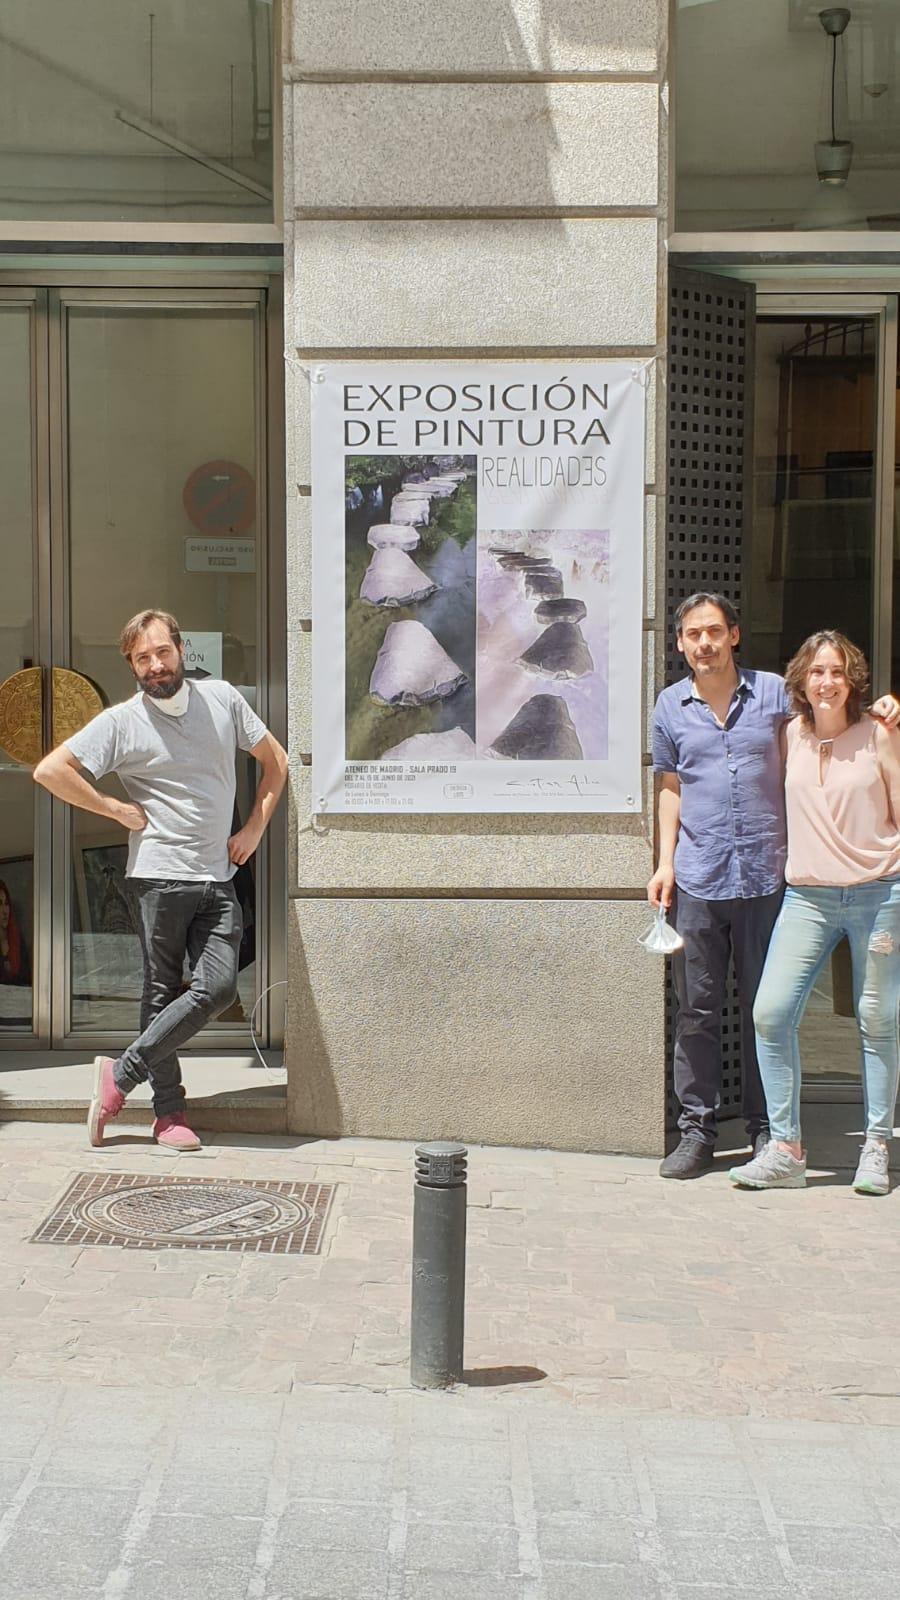 Cristian, Miguel y Cristina. Os esperamos!!